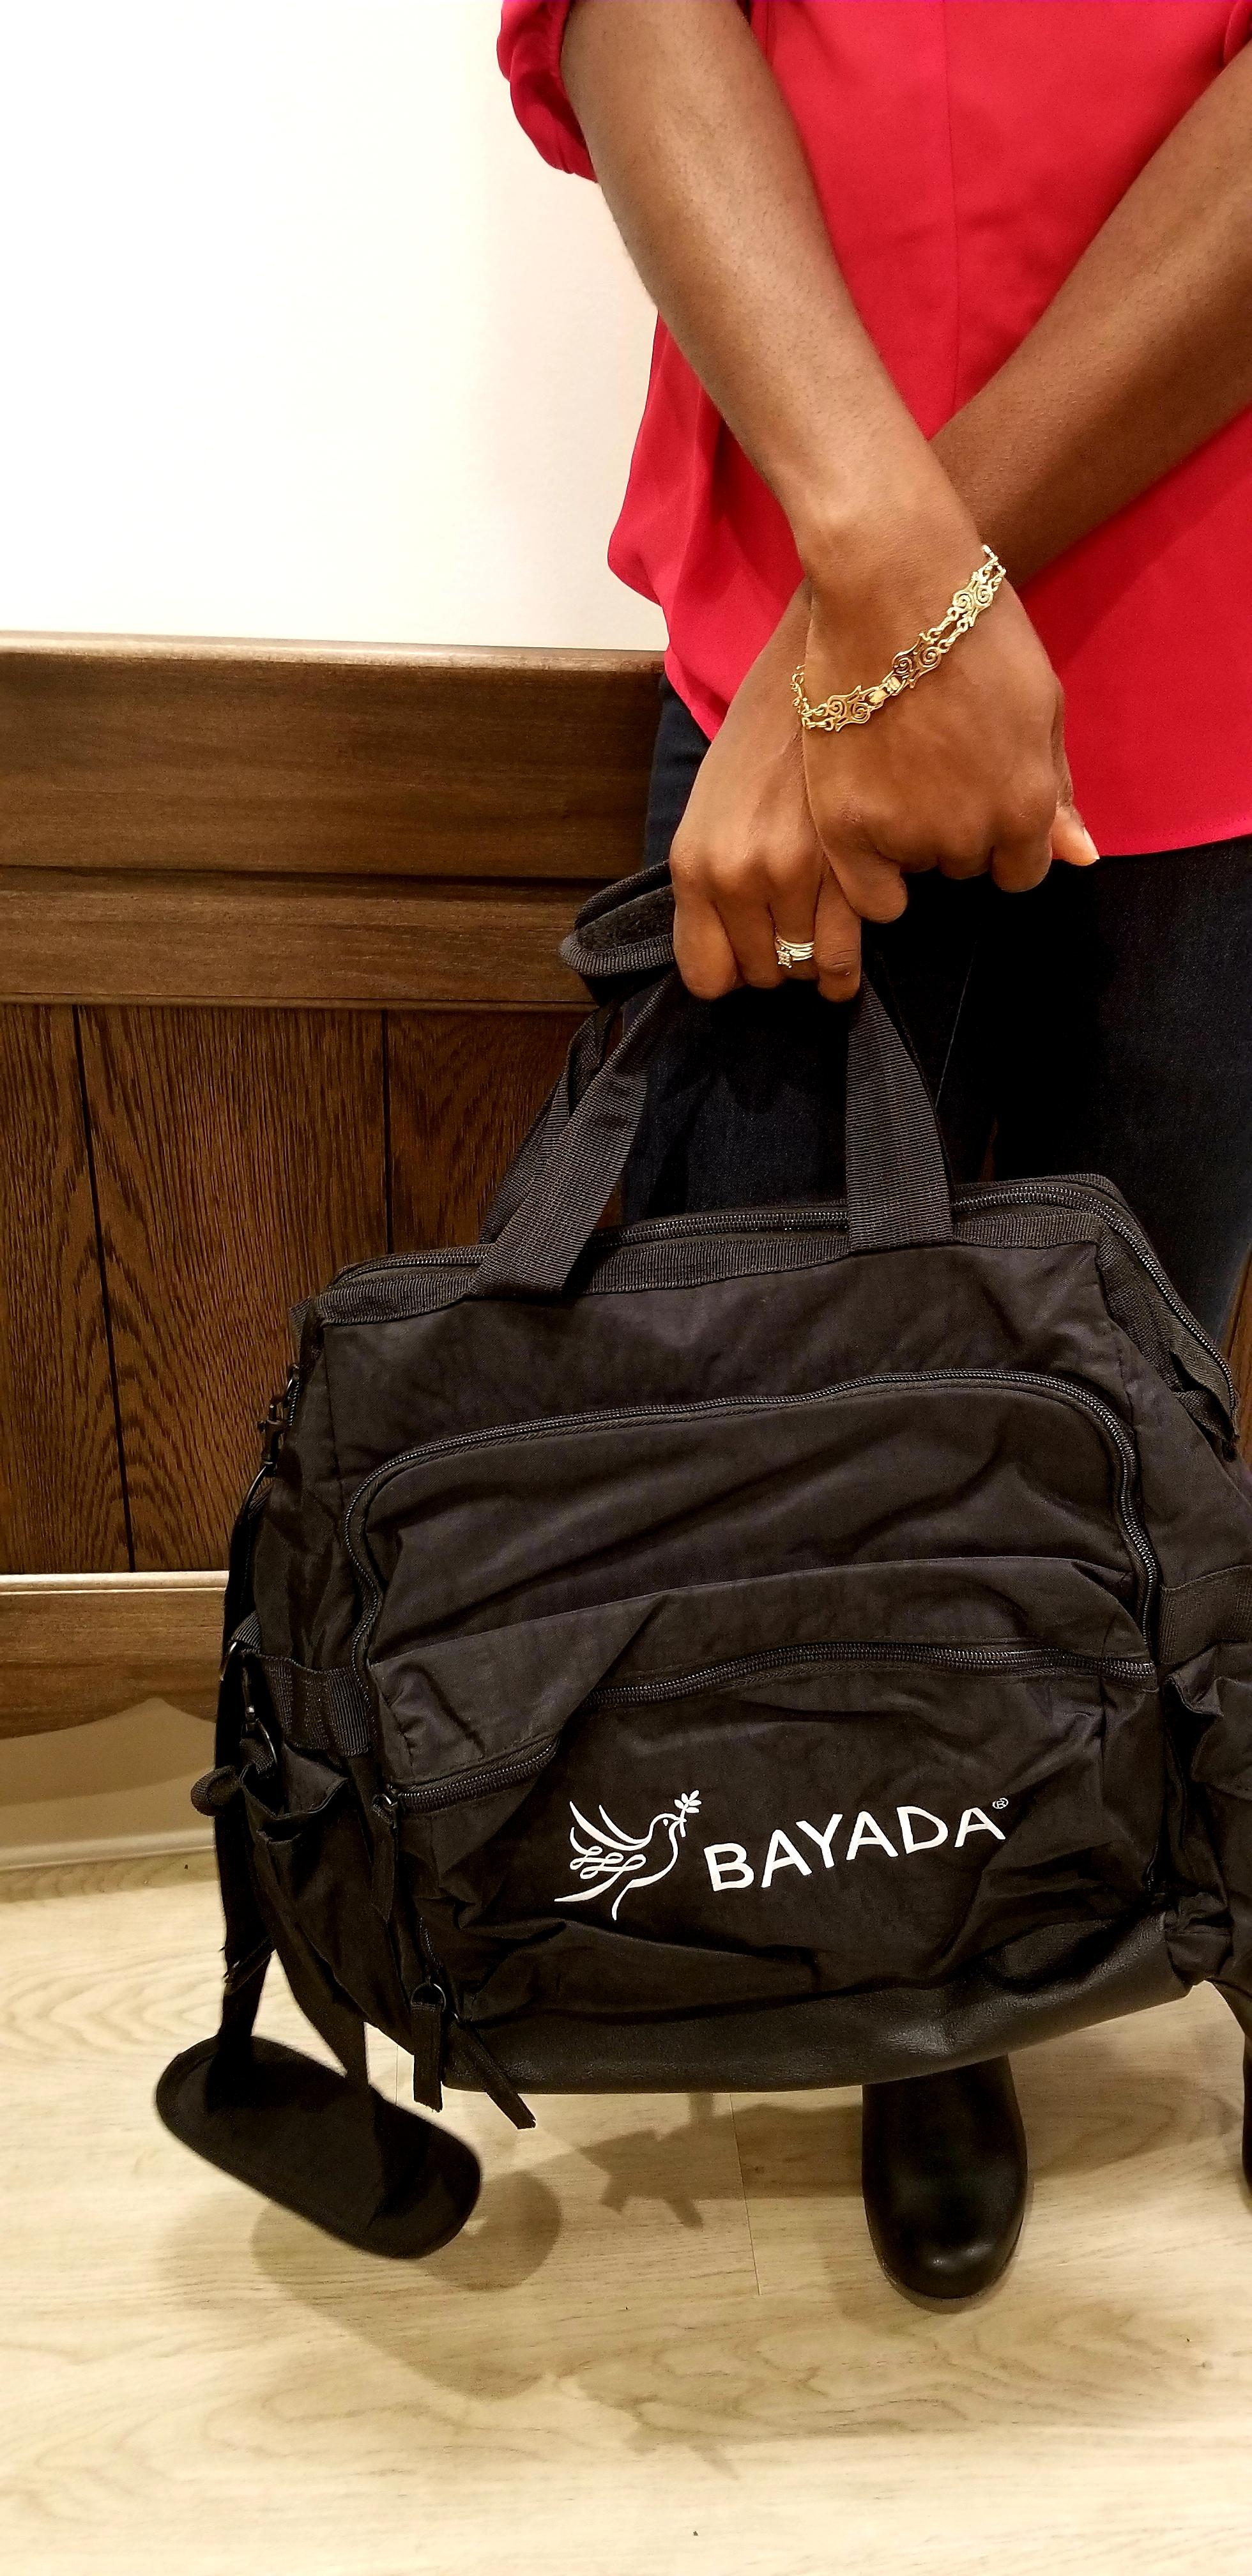 bayada1